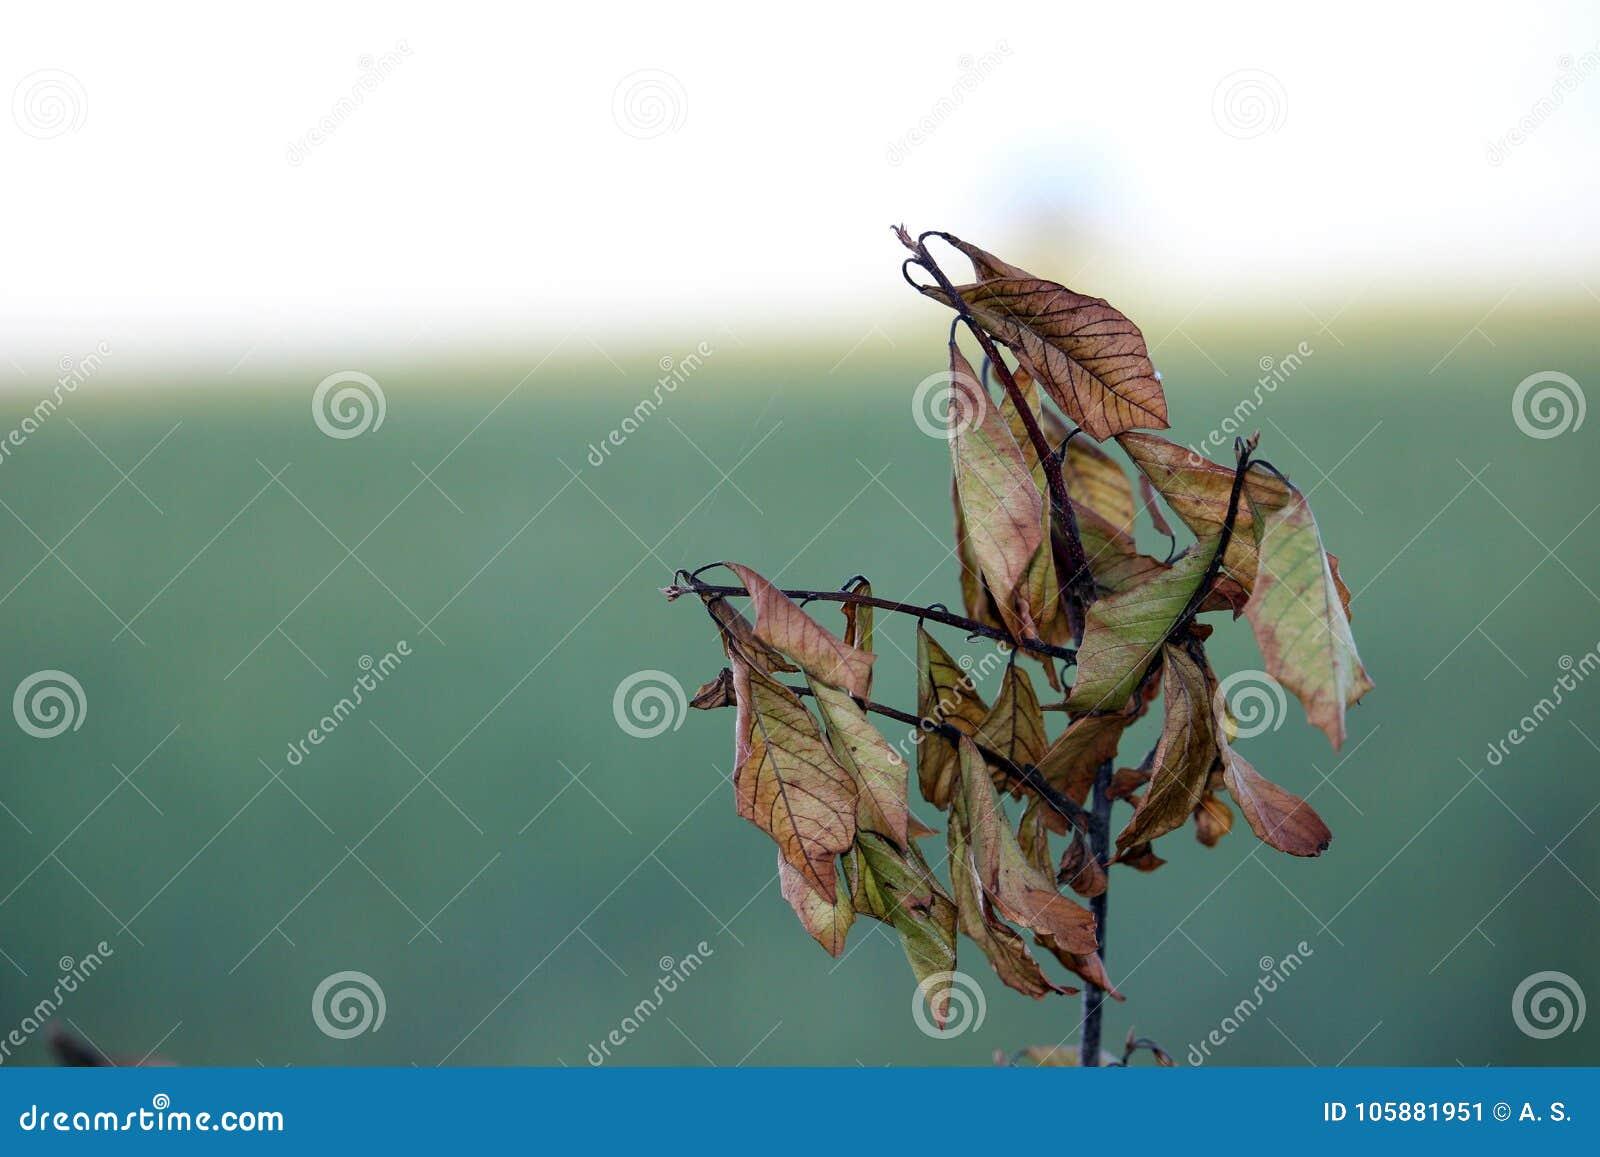 Λίγος κλάδος με τα νεκρά φύλλα στο φθινόπωρο, πρόσφατο καλοκαίρι φωτογραφία